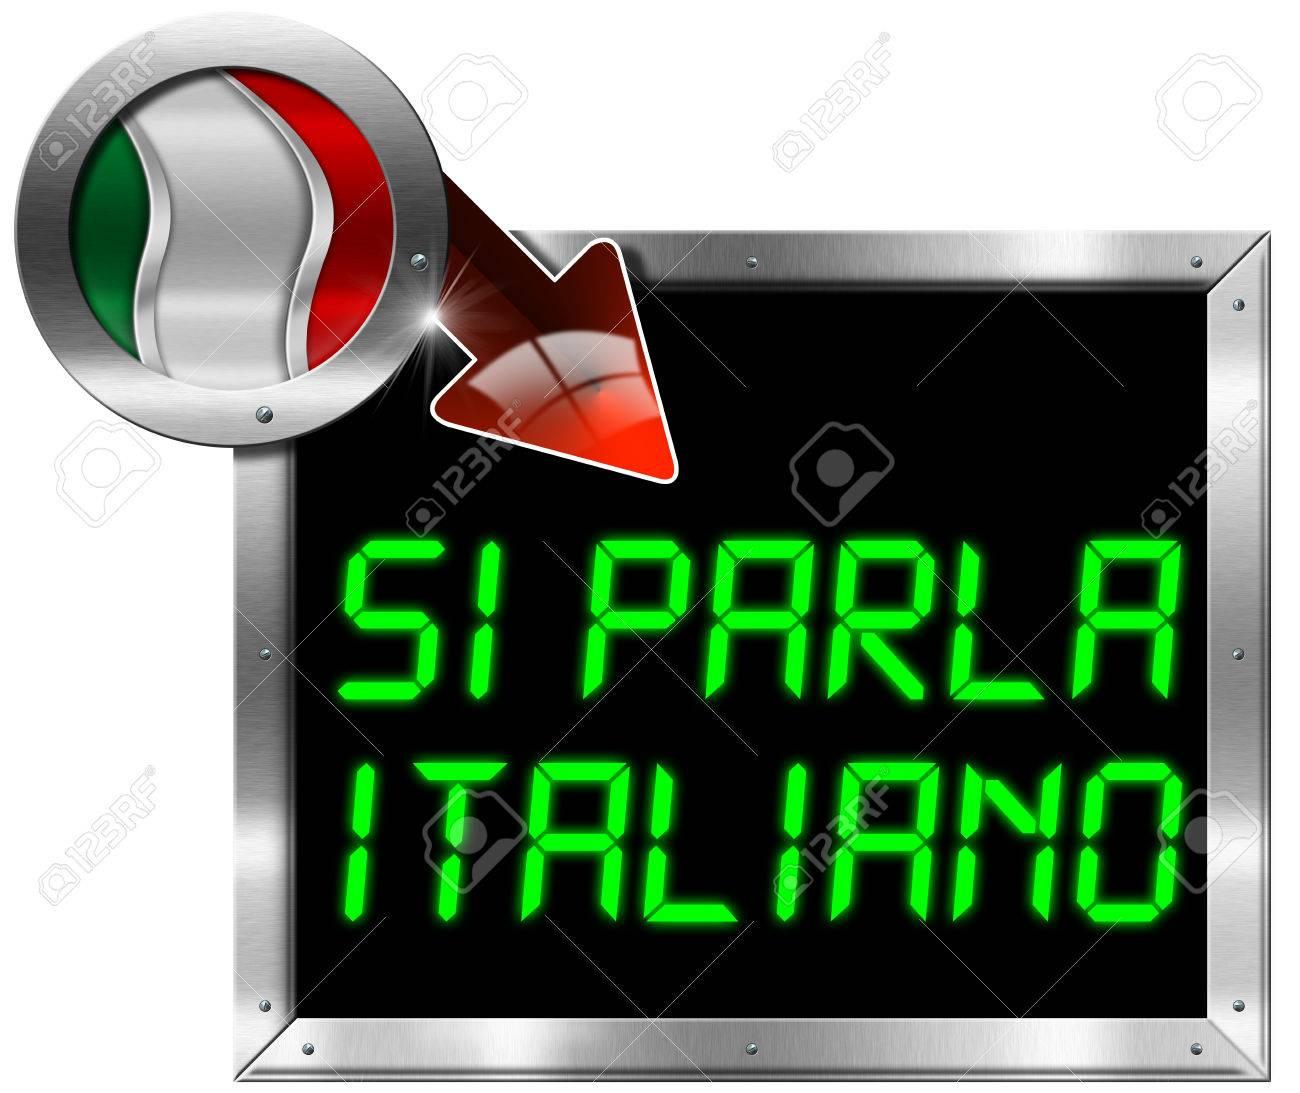 Valla Metálica Con Marco Rectangular Y Redondo Bandera De Italia La Flecha Roja Y La Frase Si Parla Italiano Aislado En Blanco